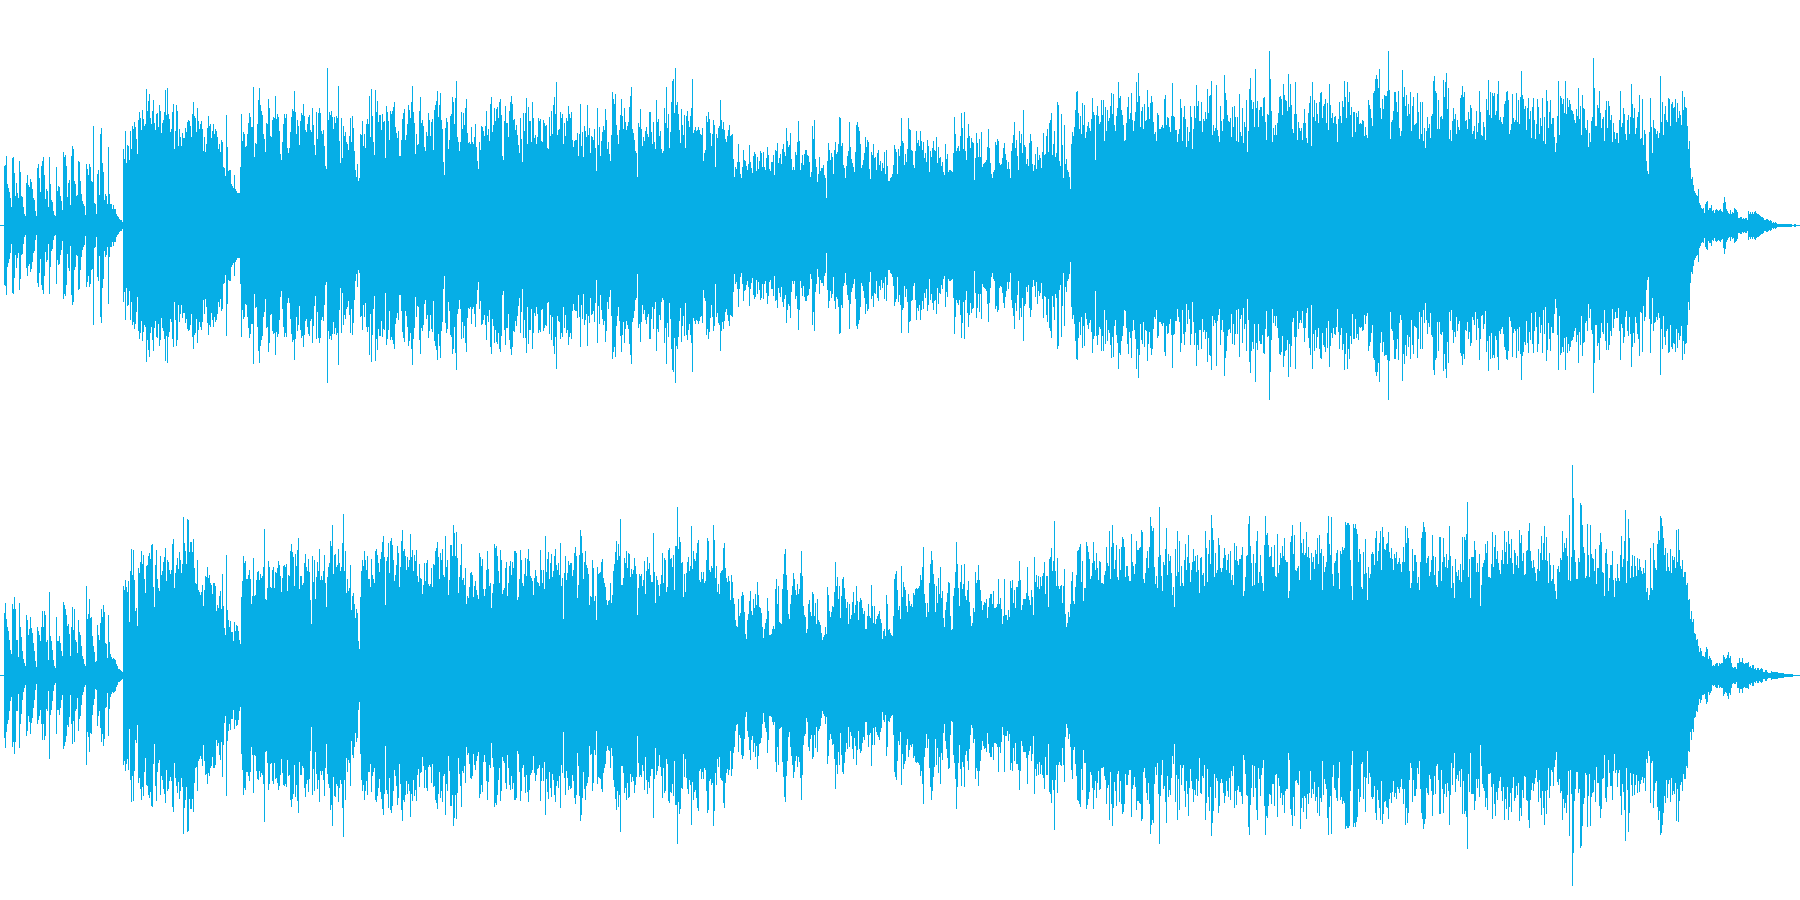 夜の街を駆け抜けるRiderのイメージ…の再生済みの波形